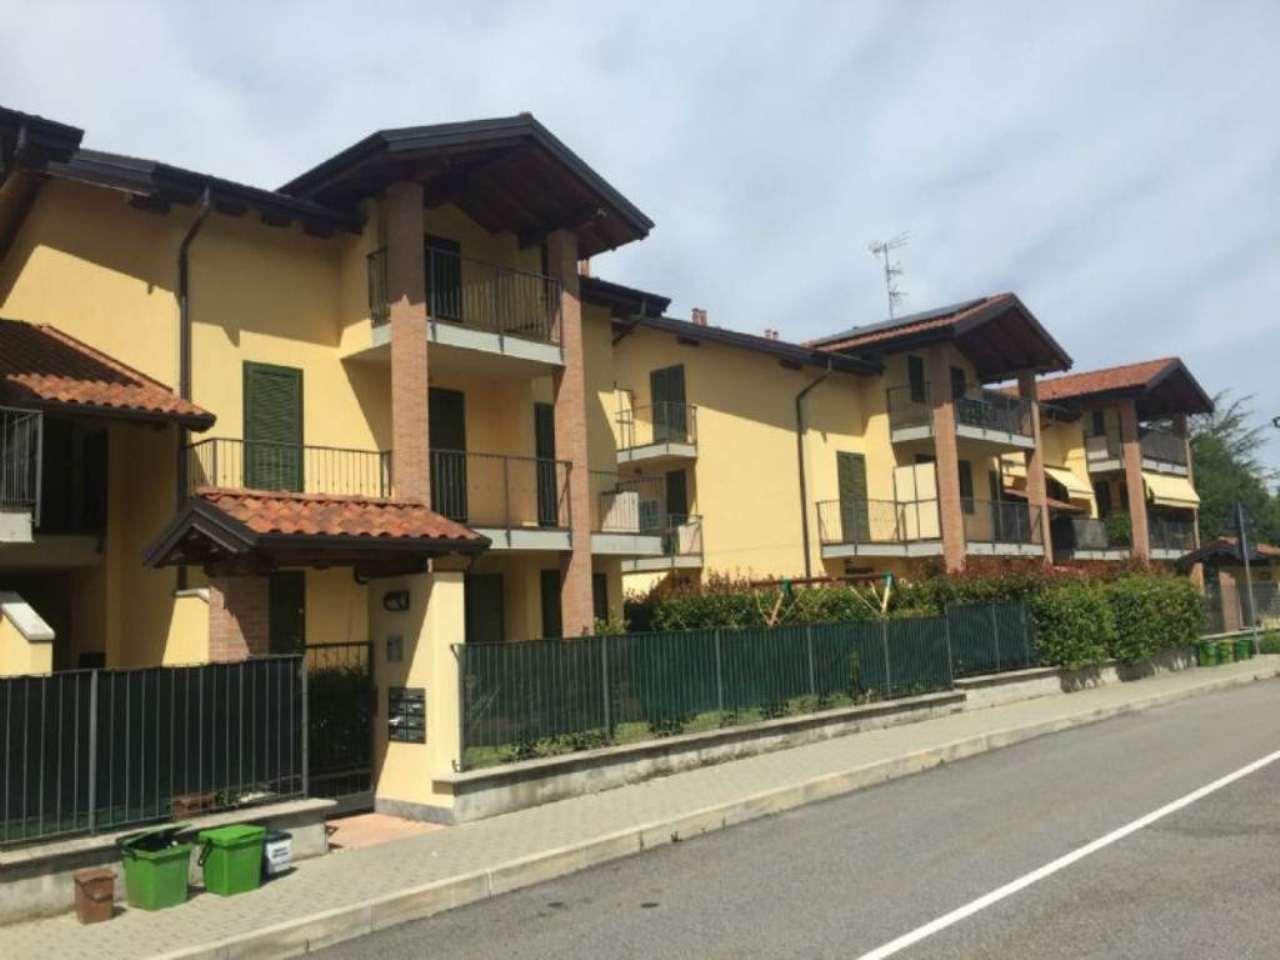 Appartamento in vendita a Solbiate Arno, 2 locali, prezzo € 105.000 | CambioCasa.it